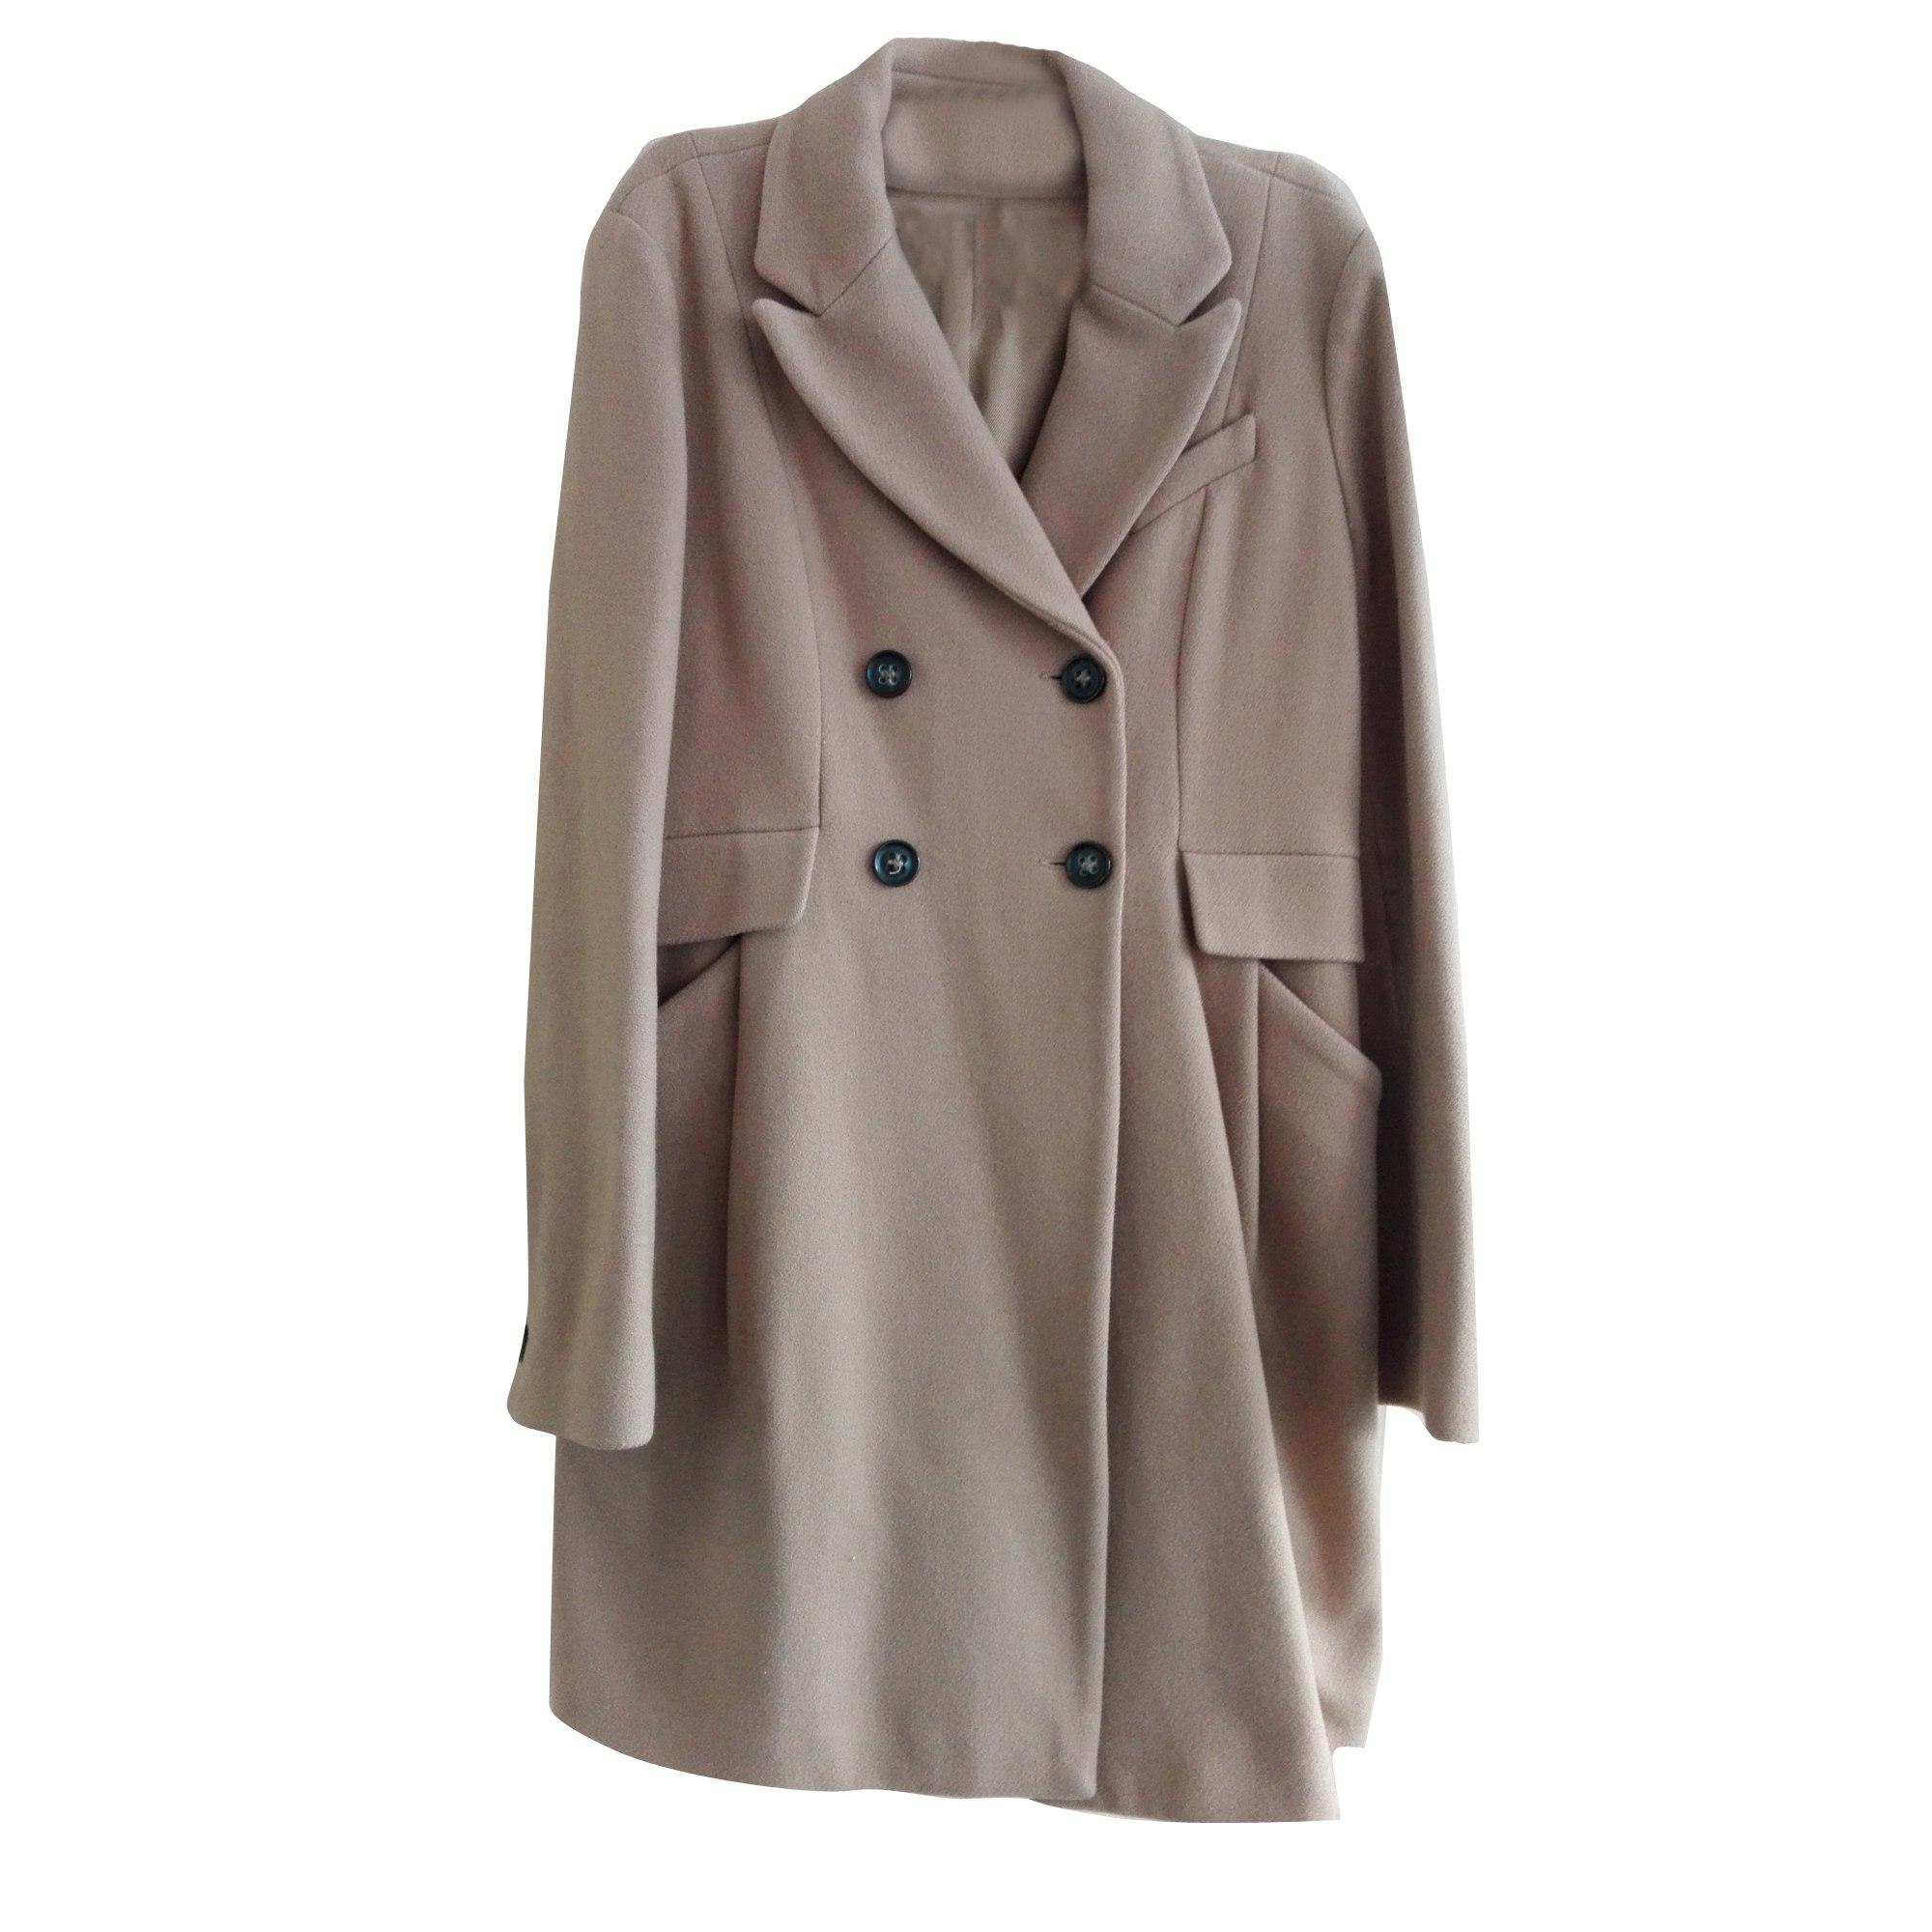 Manteau comptoir des cotonniers 40 l t3 beige vendu par - Comptoir des cotonniers ch ...